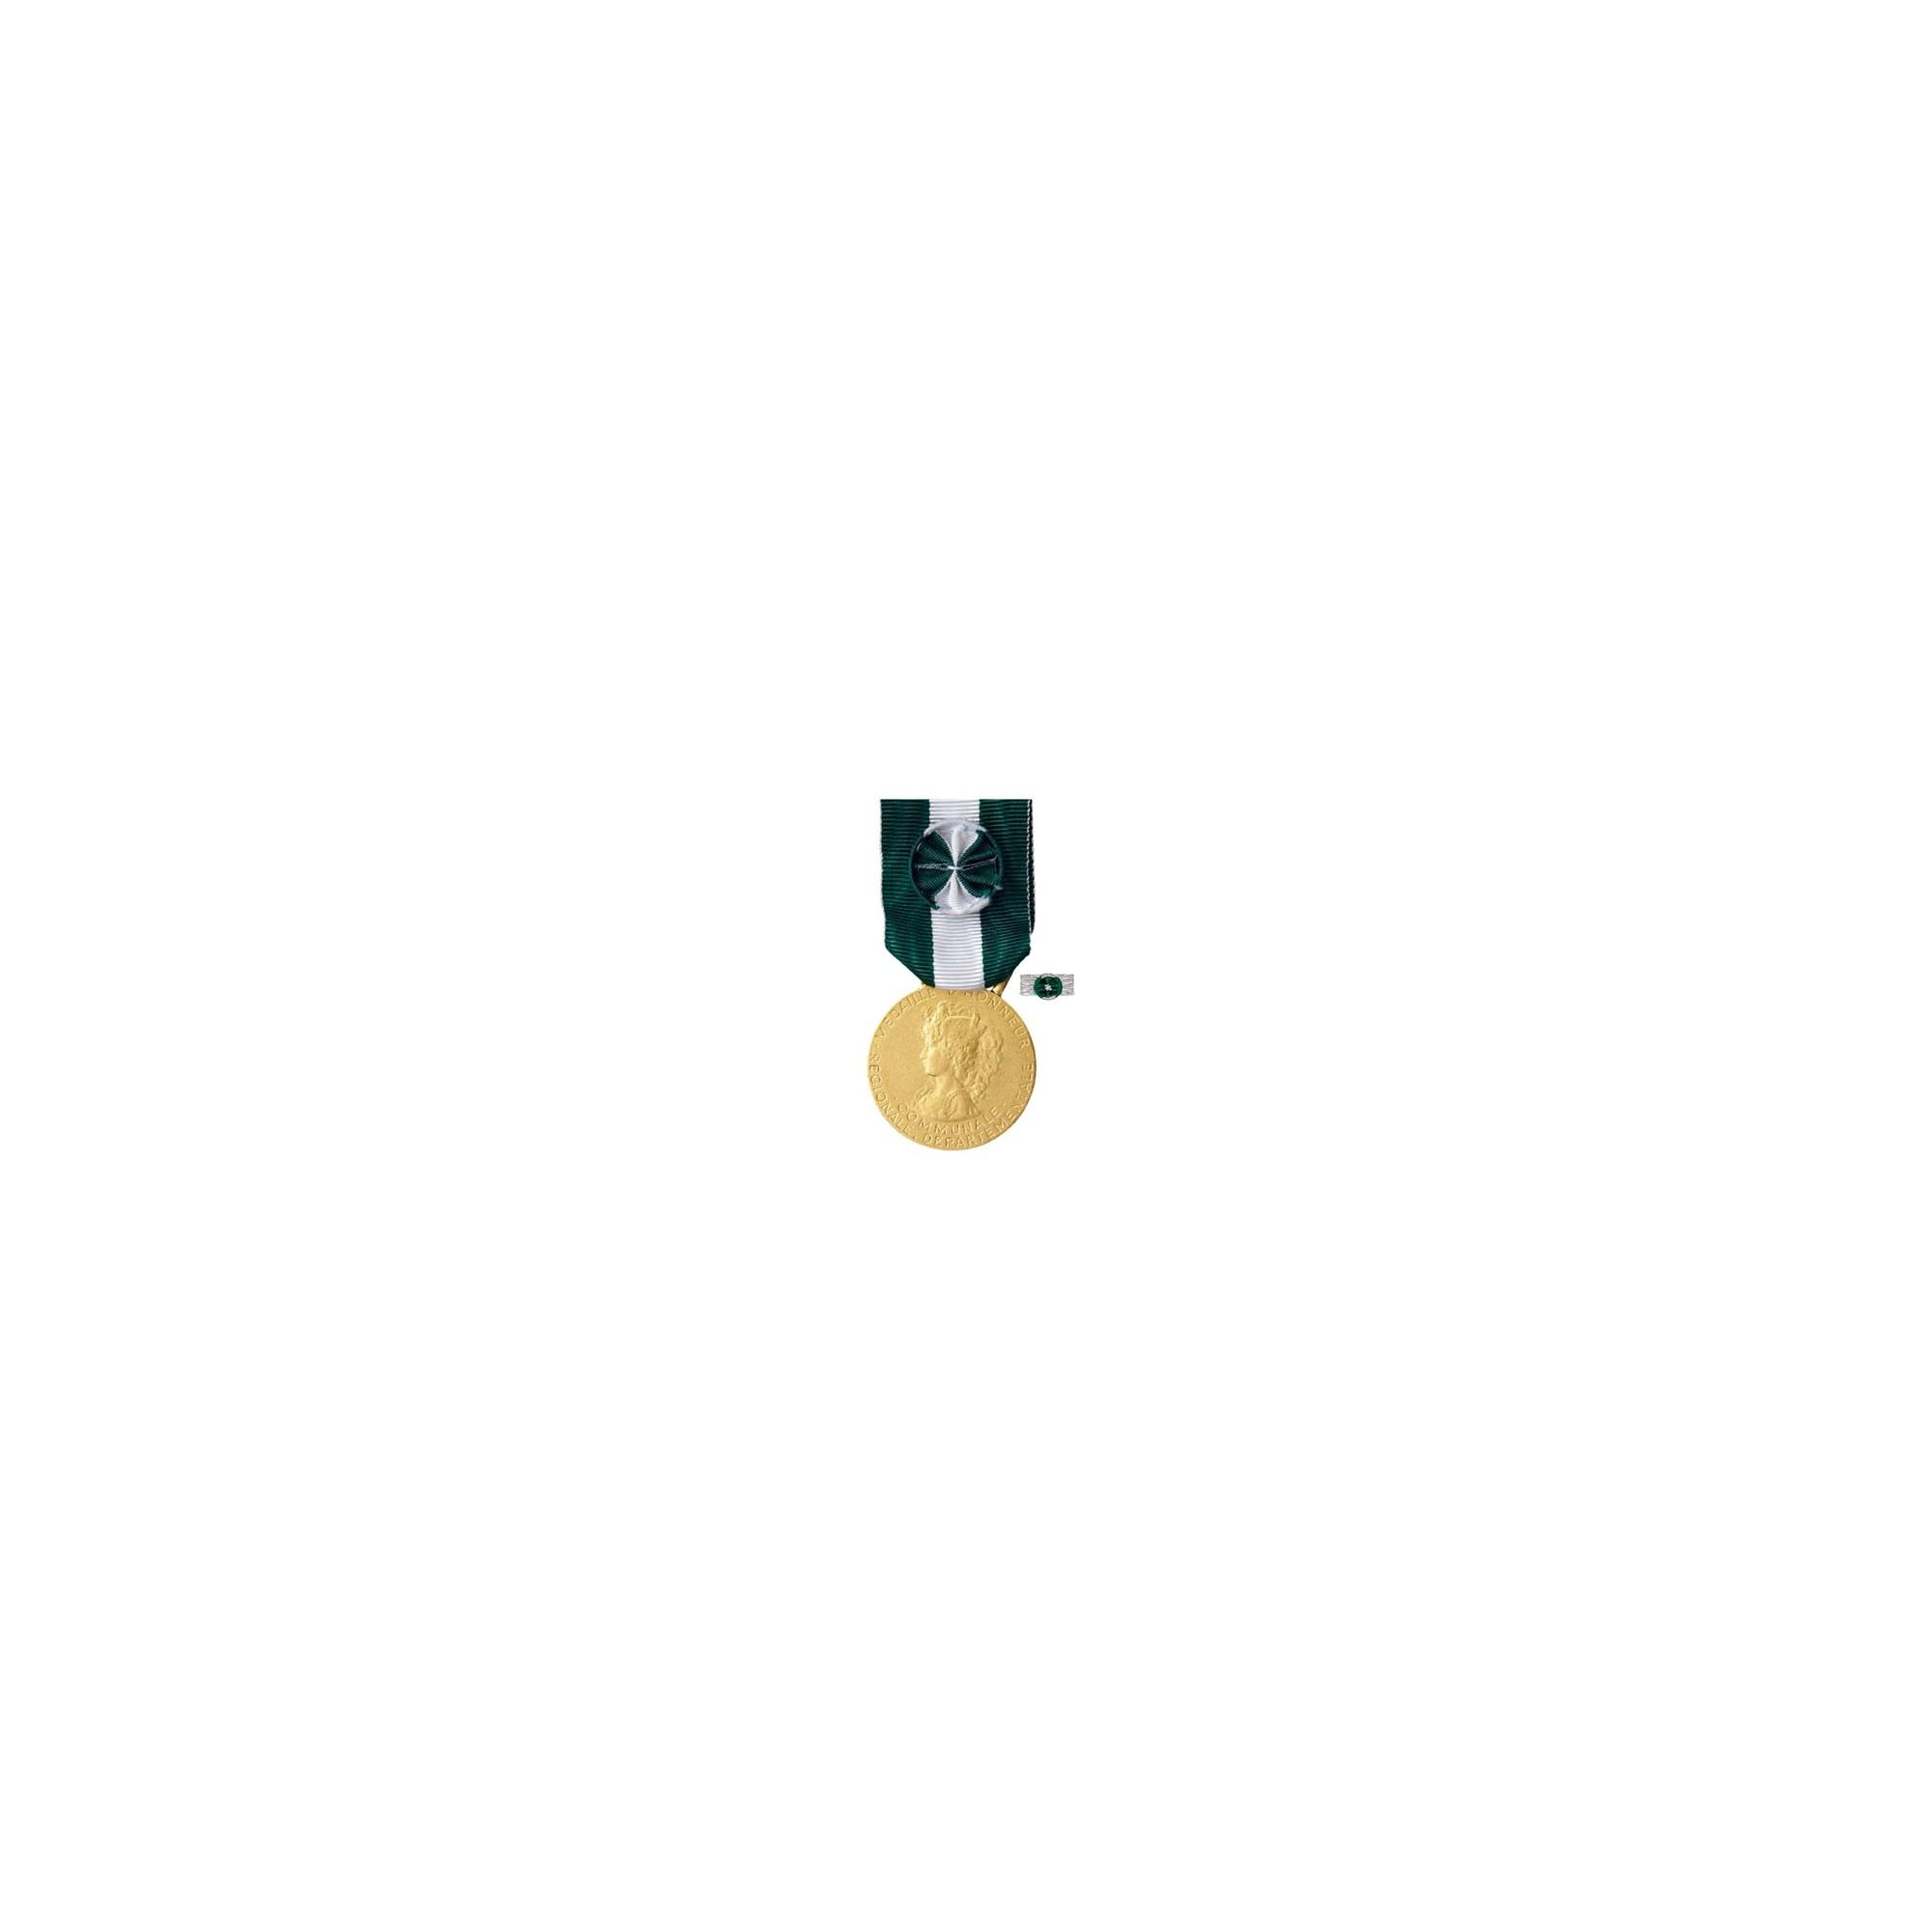 Médaille d'Honneur Régionale Départementale & Communale - Or